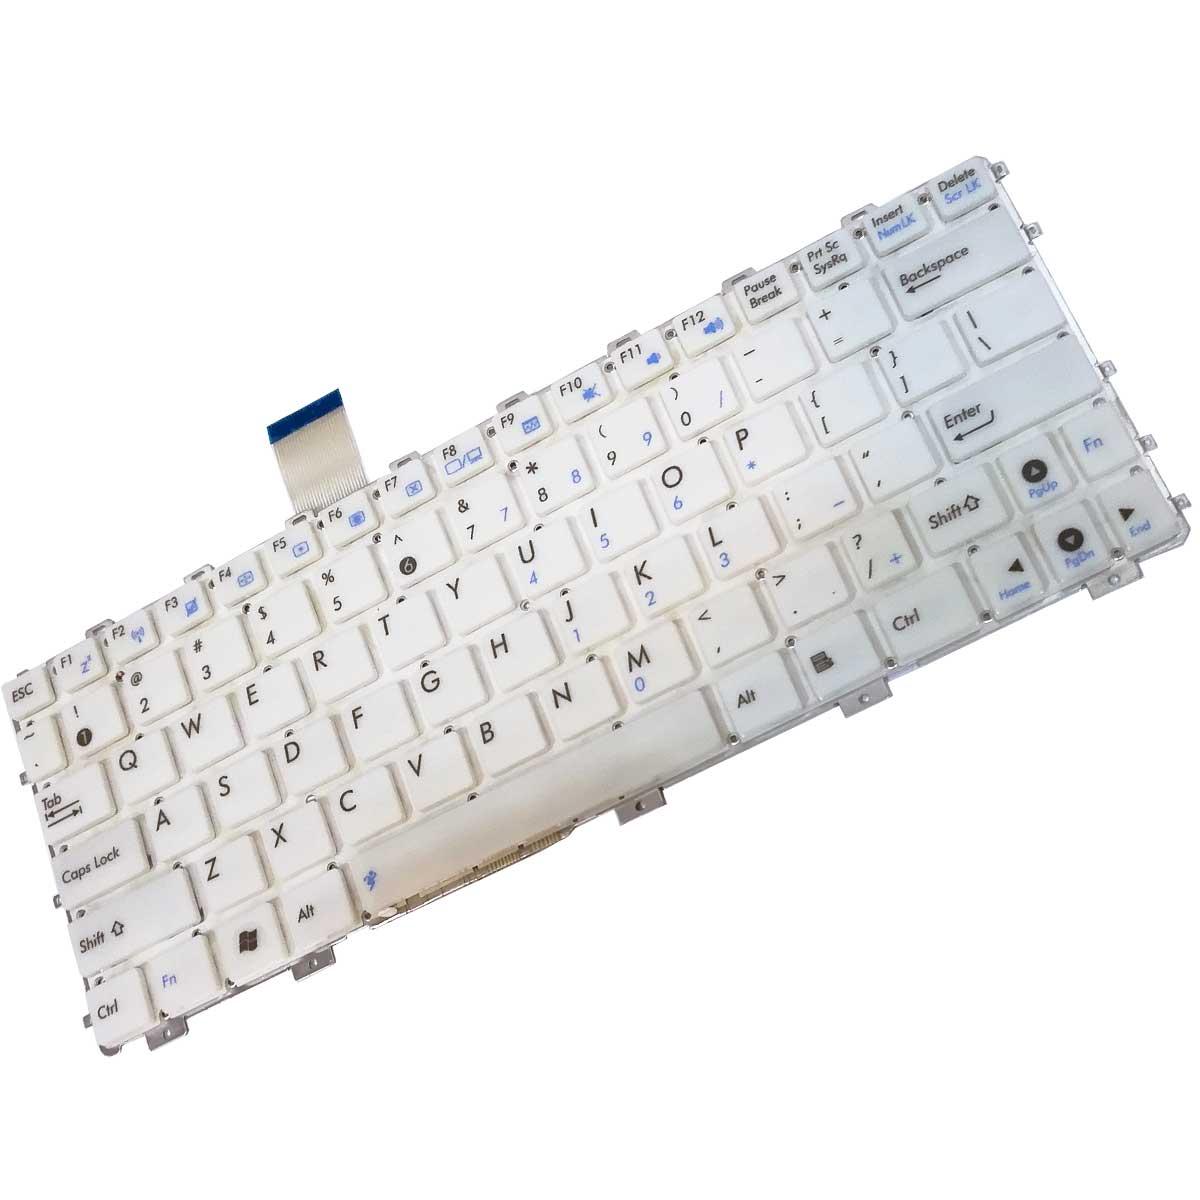 کیبورد لپ تاپ ایسوس Keyboard ASUS Eee PC 1015 white